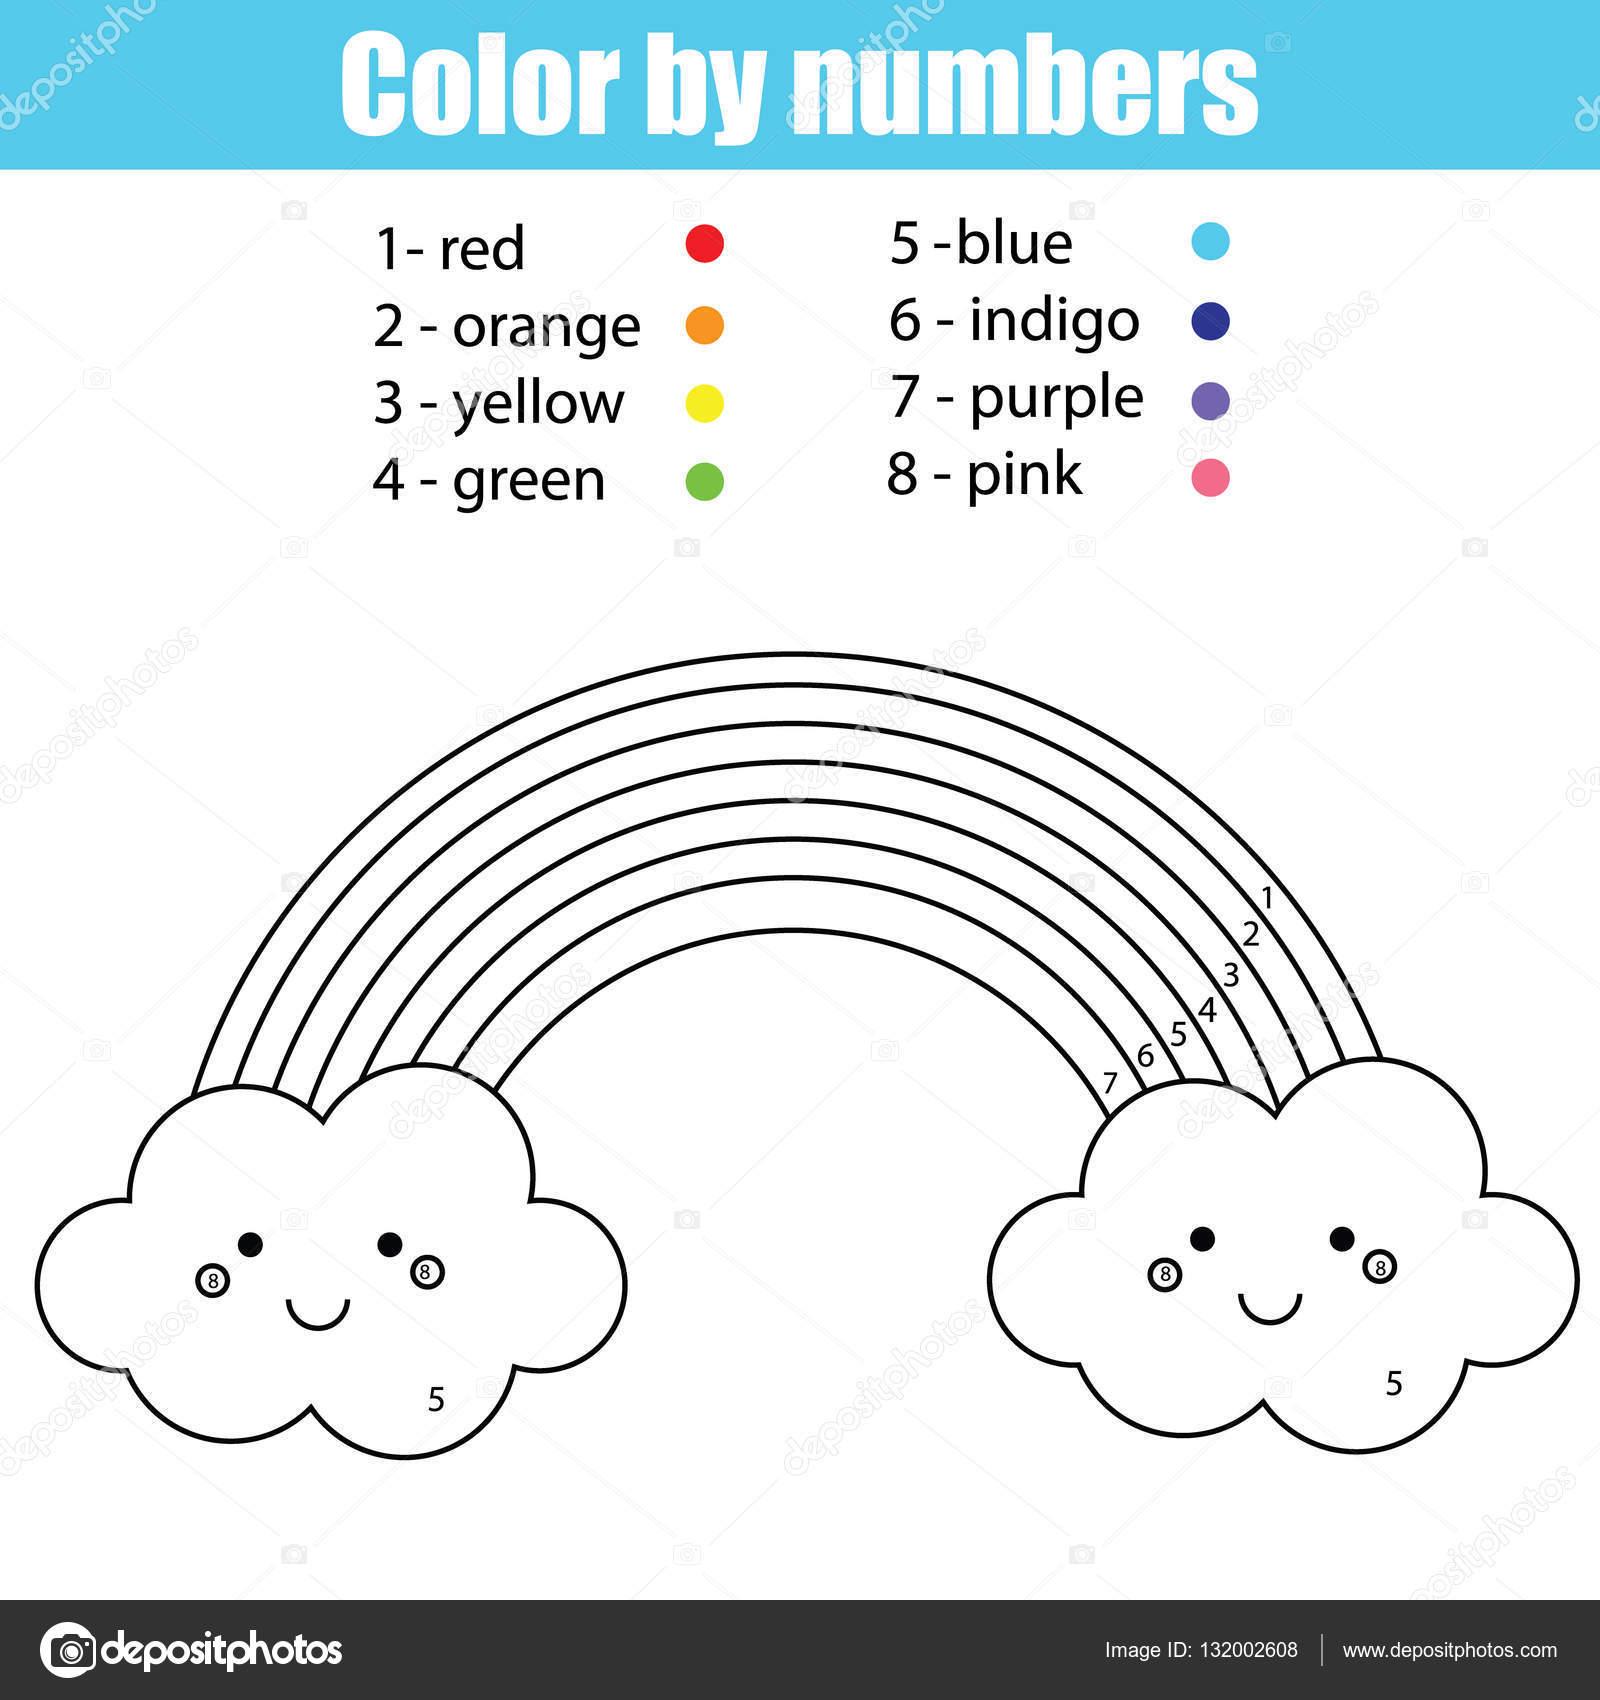 Kleurplaat Met Schattige Kawaii Regenboog Kleur Door Nummers